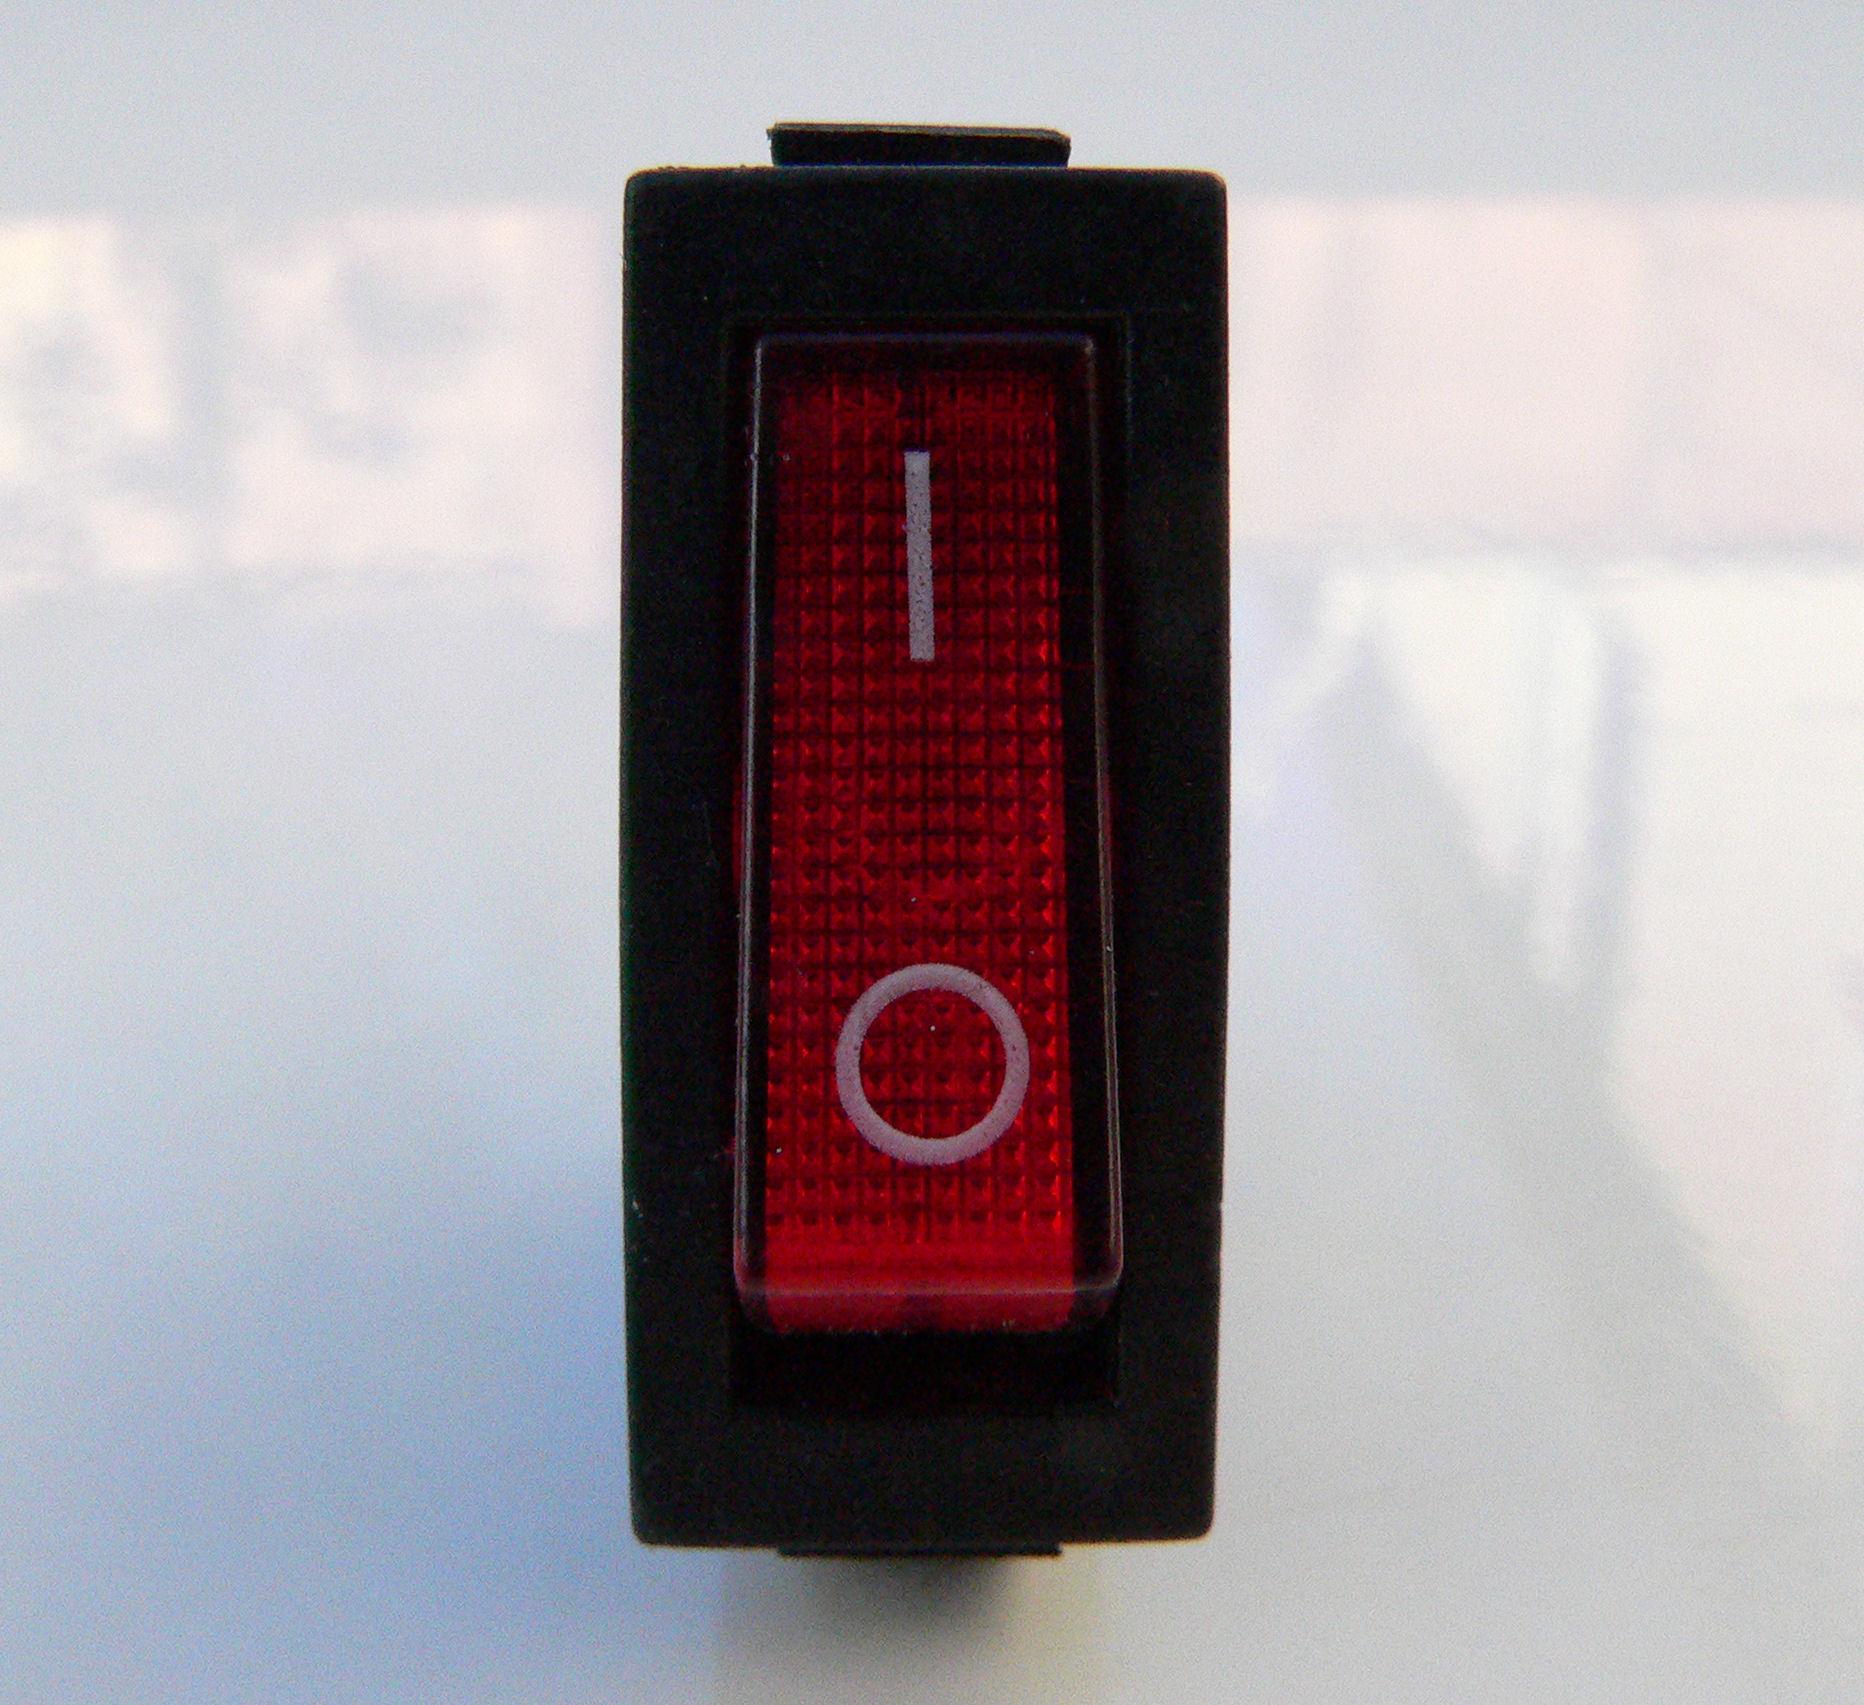 Rot Neon Strom Schalter für Gitarren Verstärker SPST Einpoliger | eBay